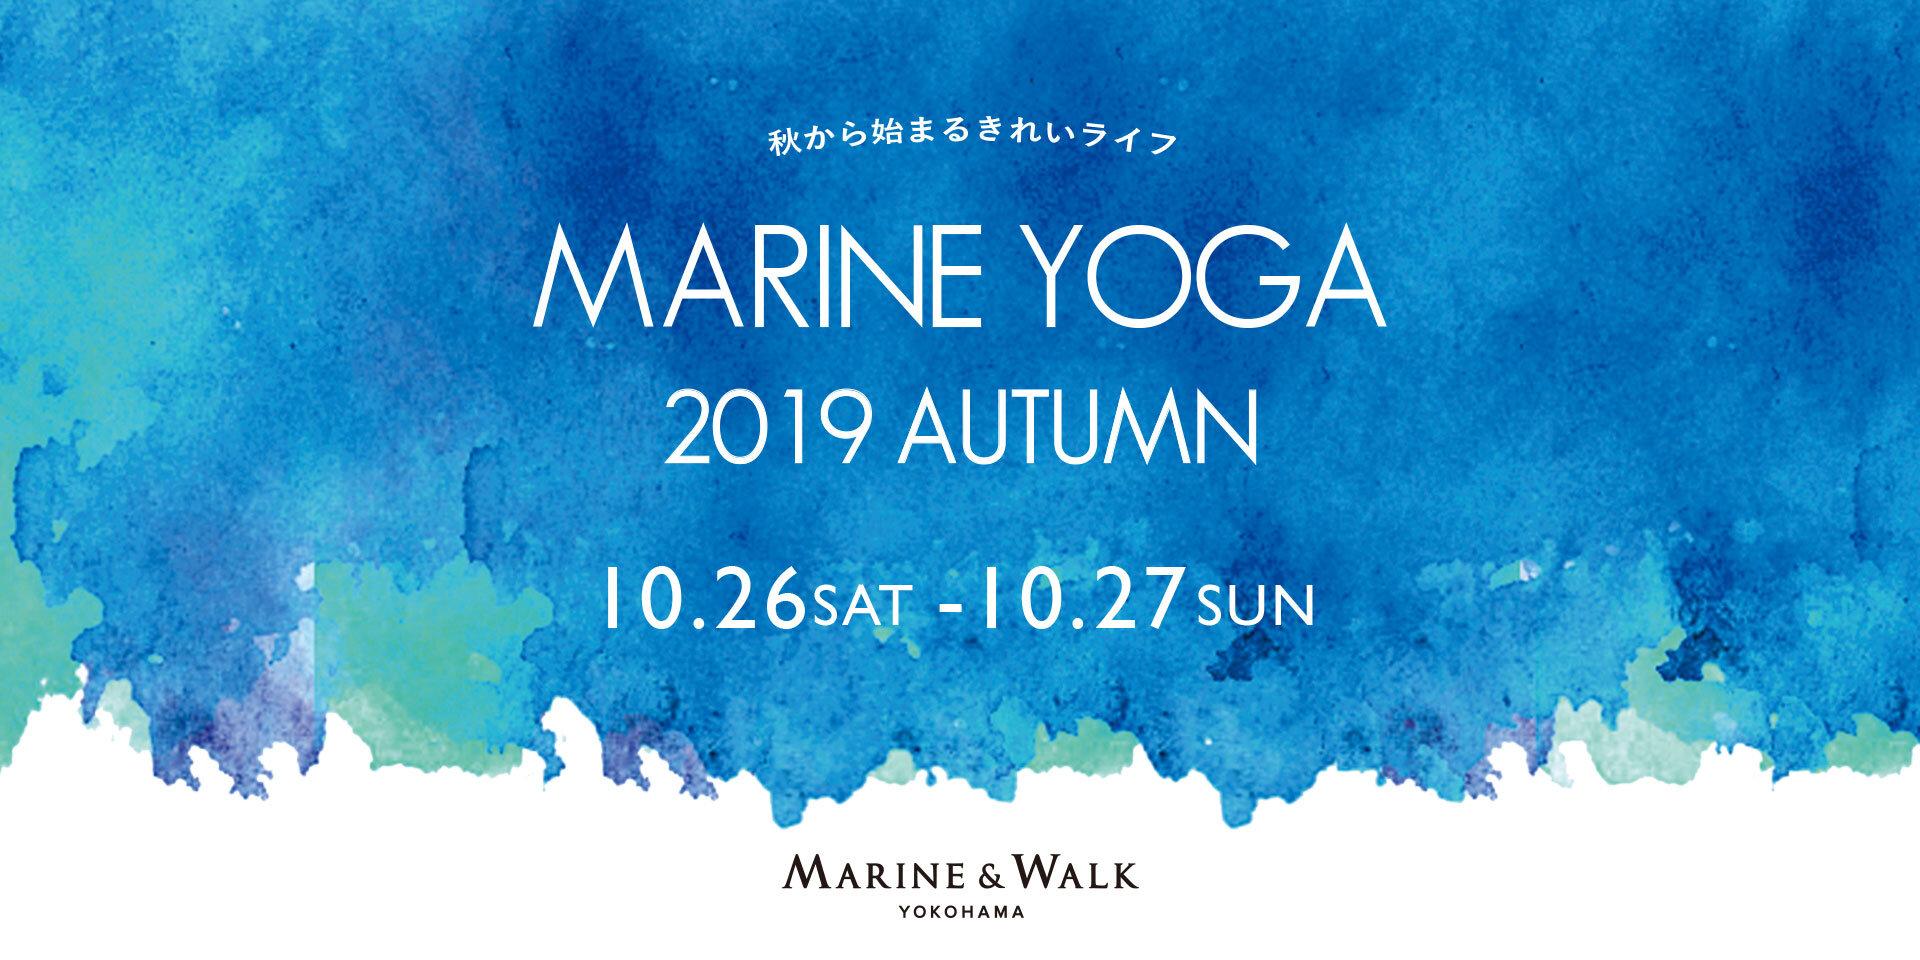 201910_marineyoga_autumn_top_001.jpg